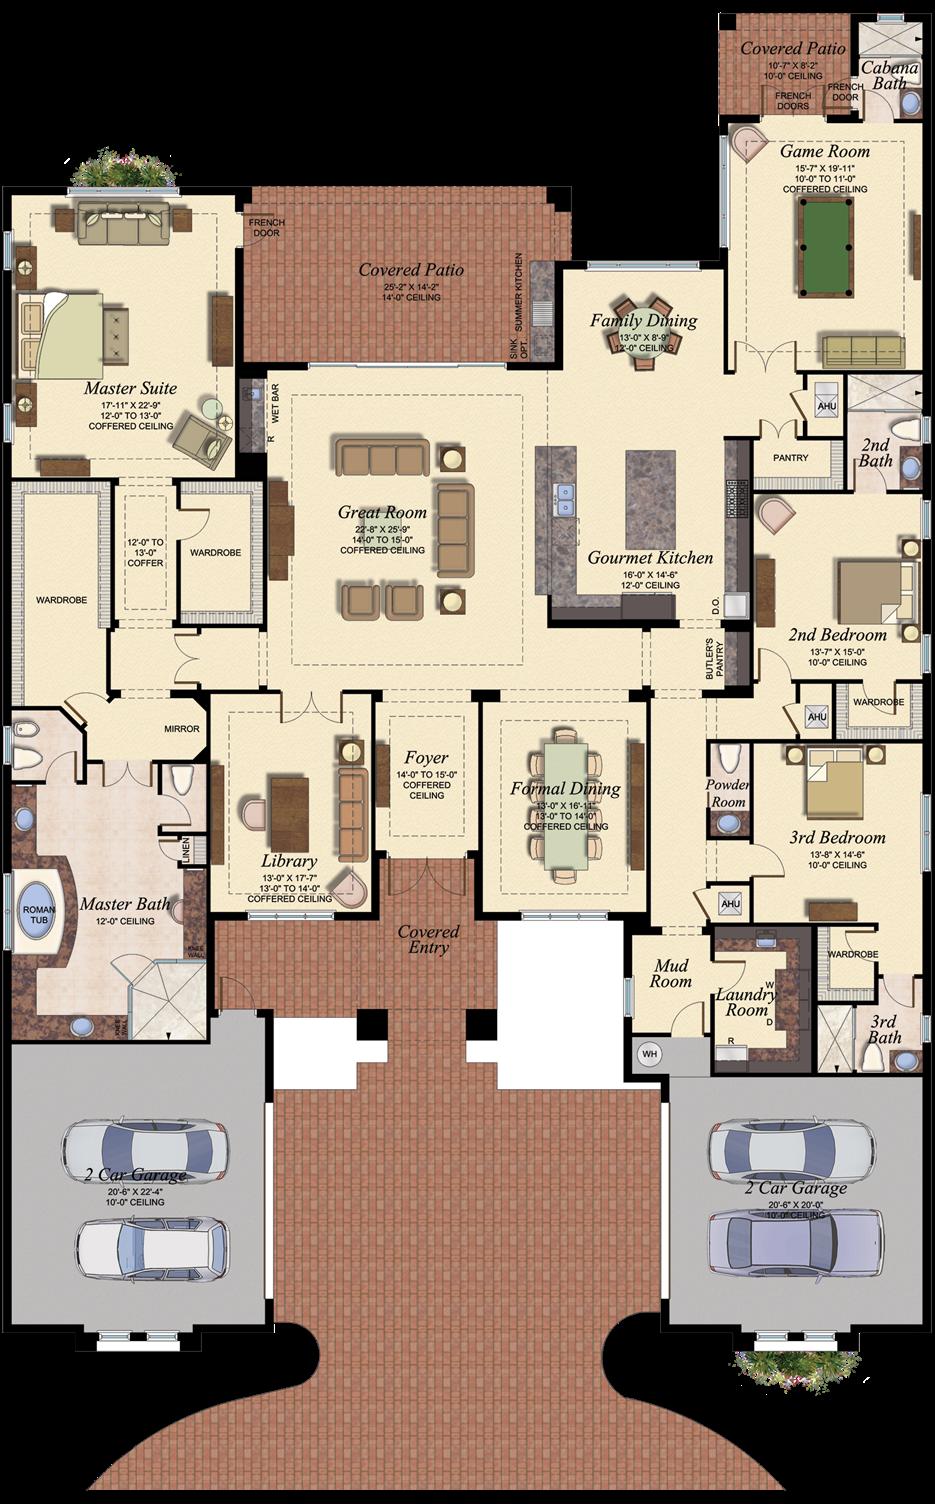 Versailles At Seven Bridges Dream House Plans Home Design Floor Plans House Blueprints